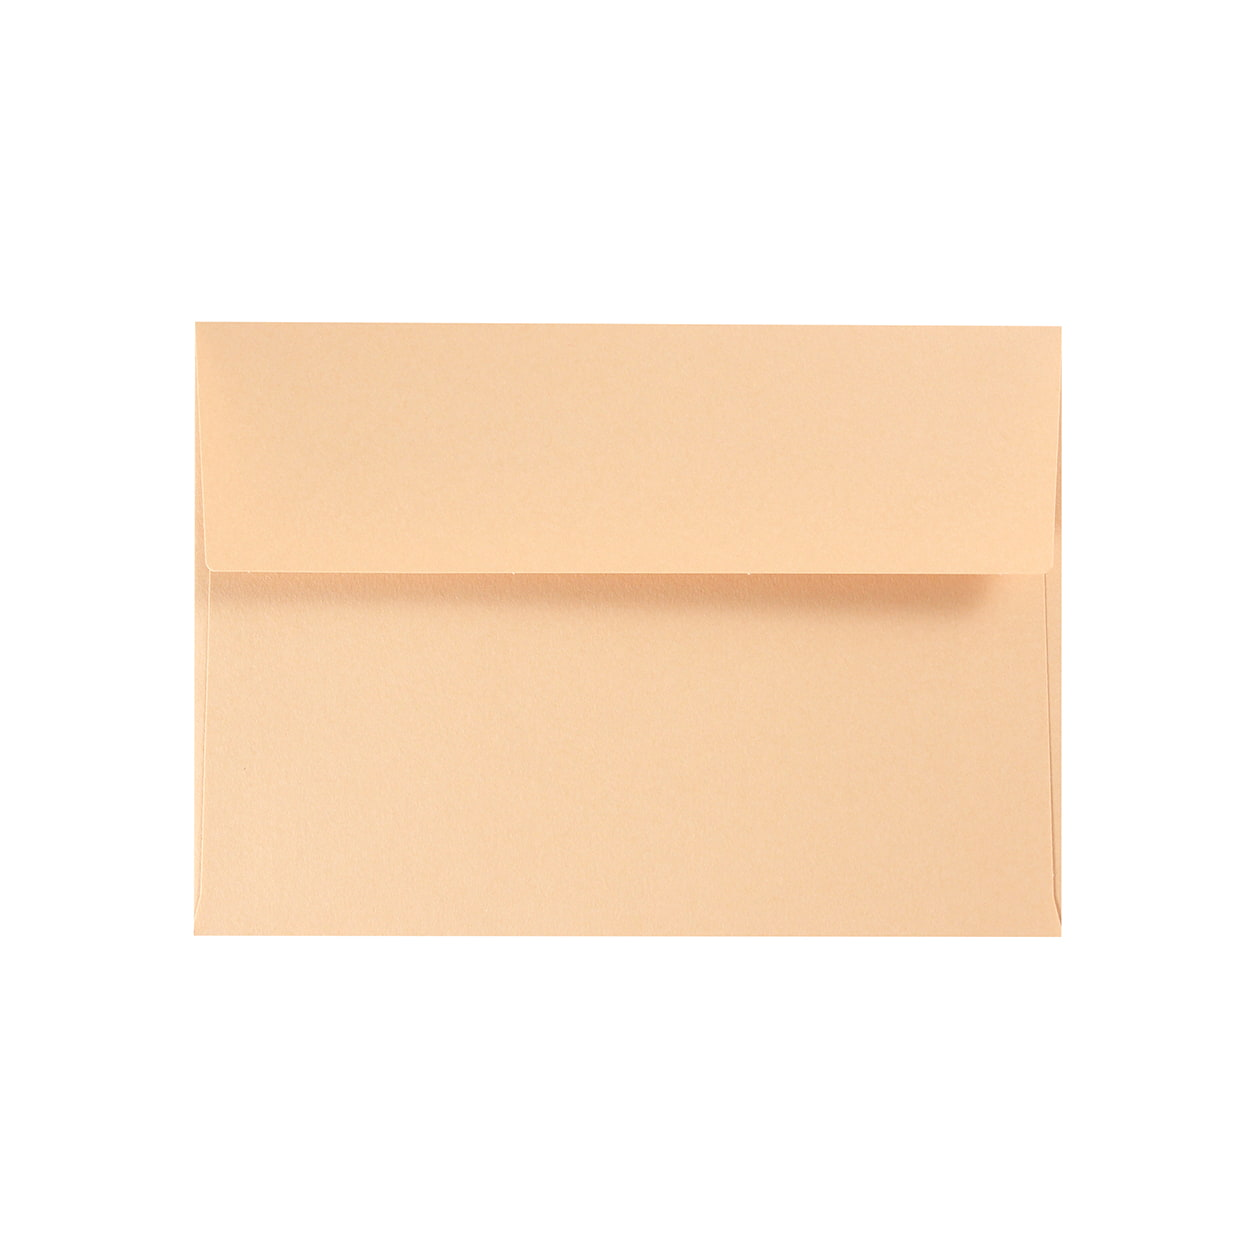 洋2カマス封筒 コットン(NTラシャ) 古染 116.3g